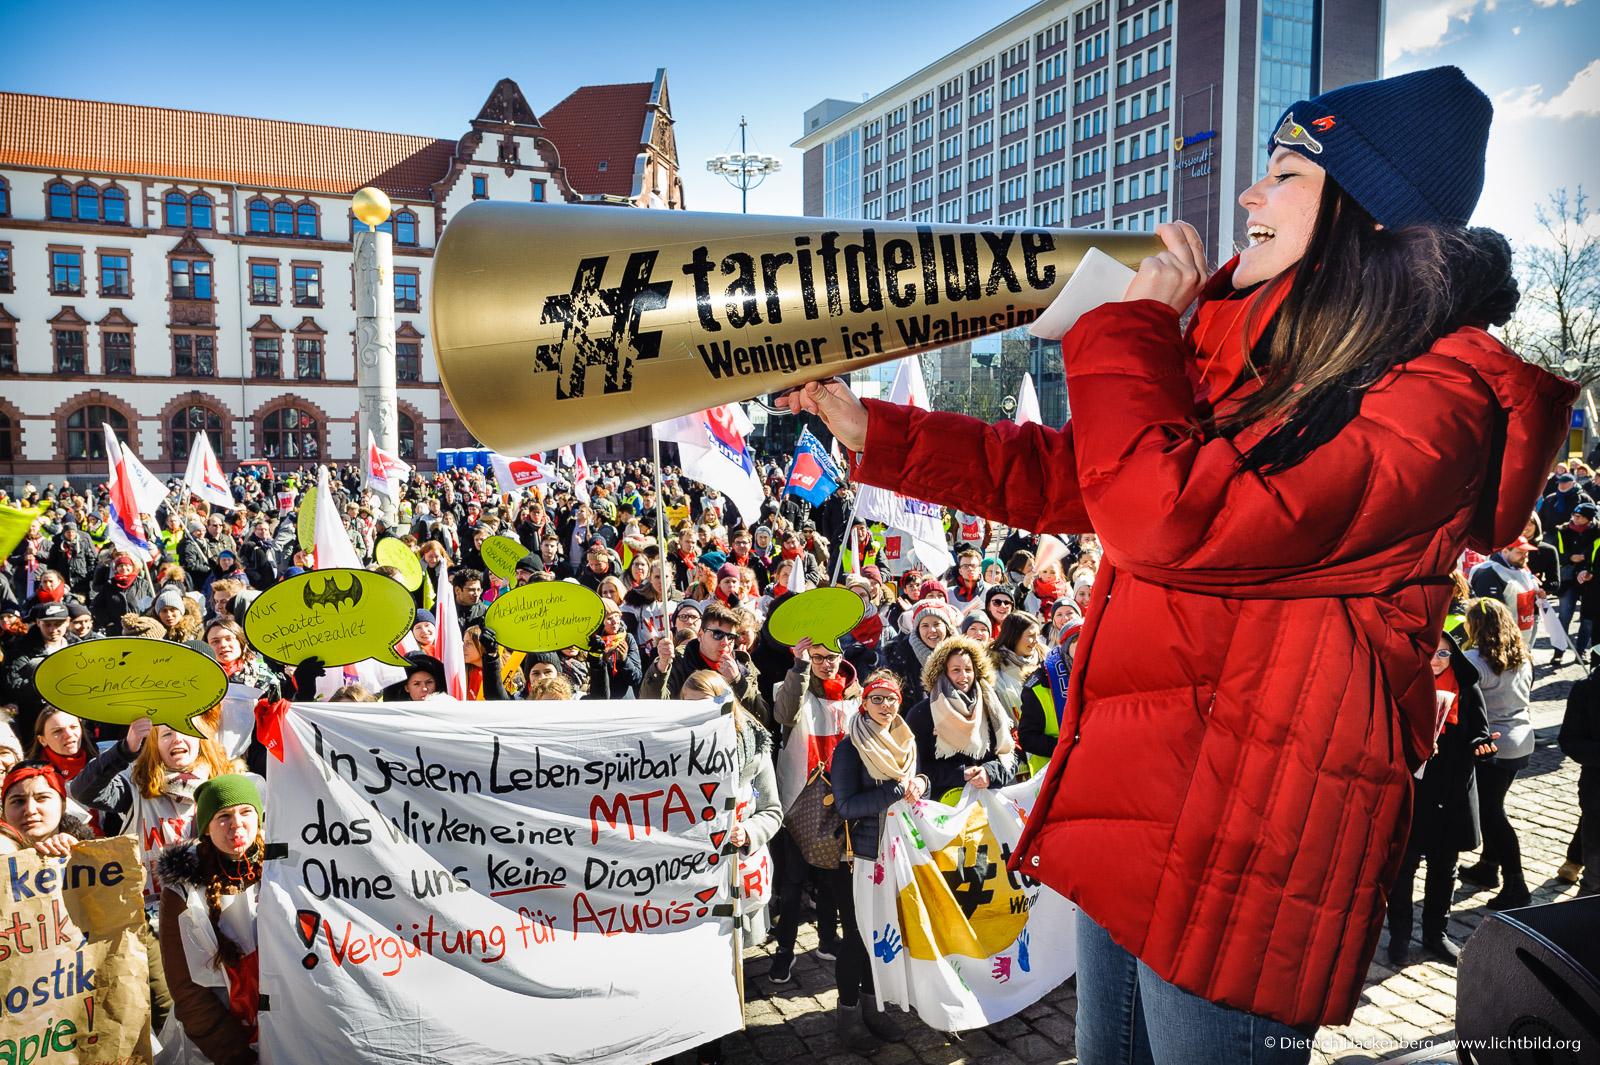 Tashina Will, verdi Jugend Dortmund fordert auf dem Friedensplatz einen tarifdeluxe. Foto © Dietrich Hackenberg